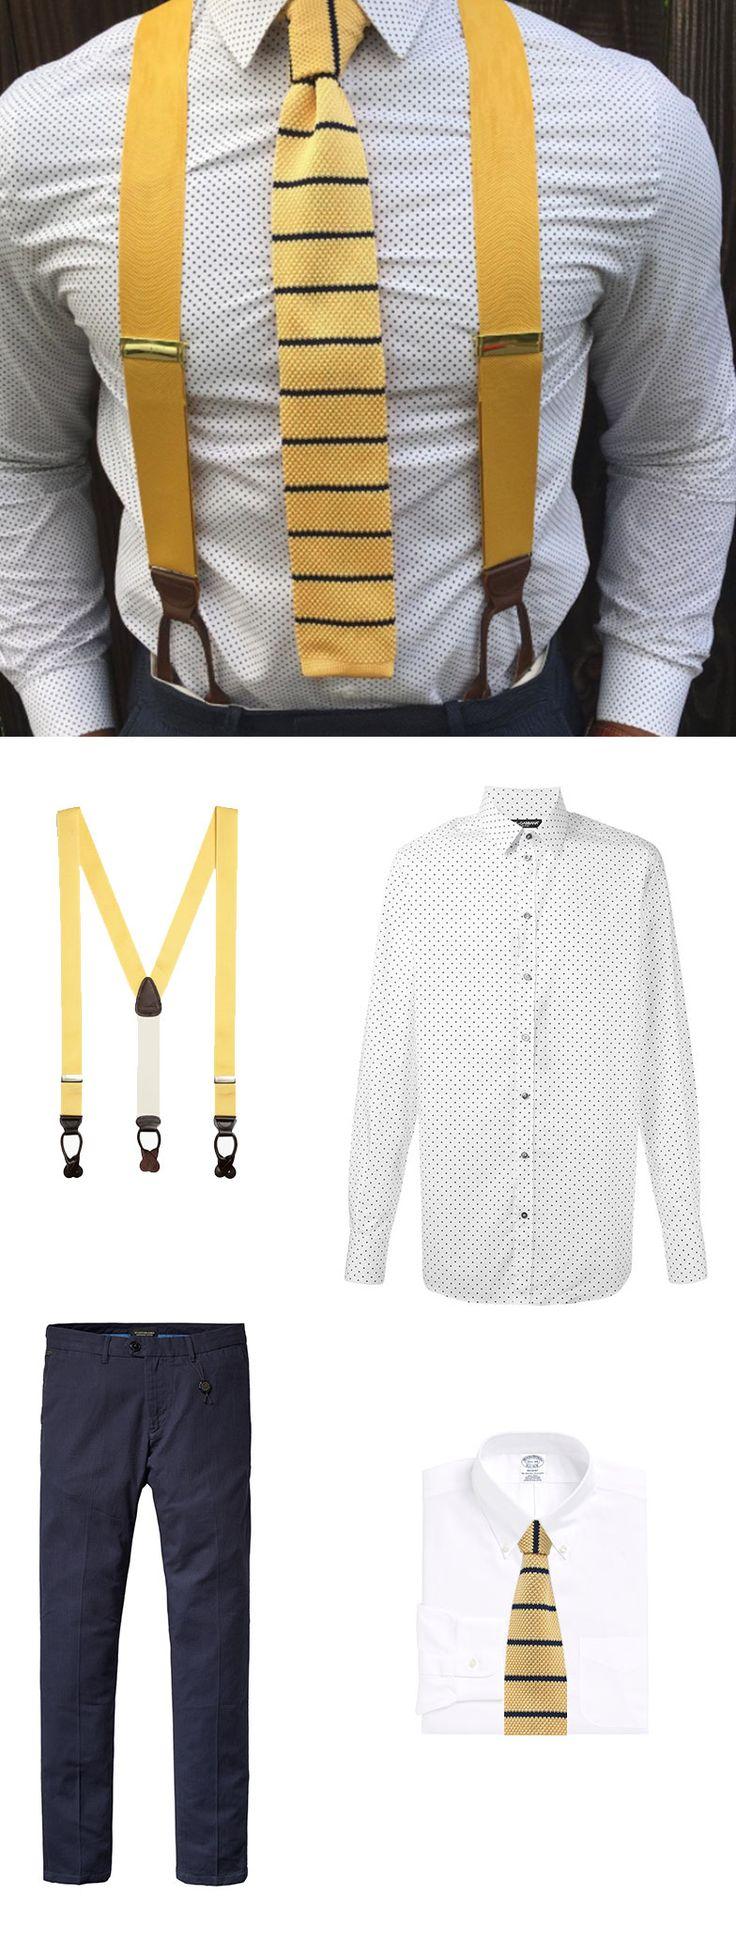 Best 25+ Knit tie ideas on Pinterest